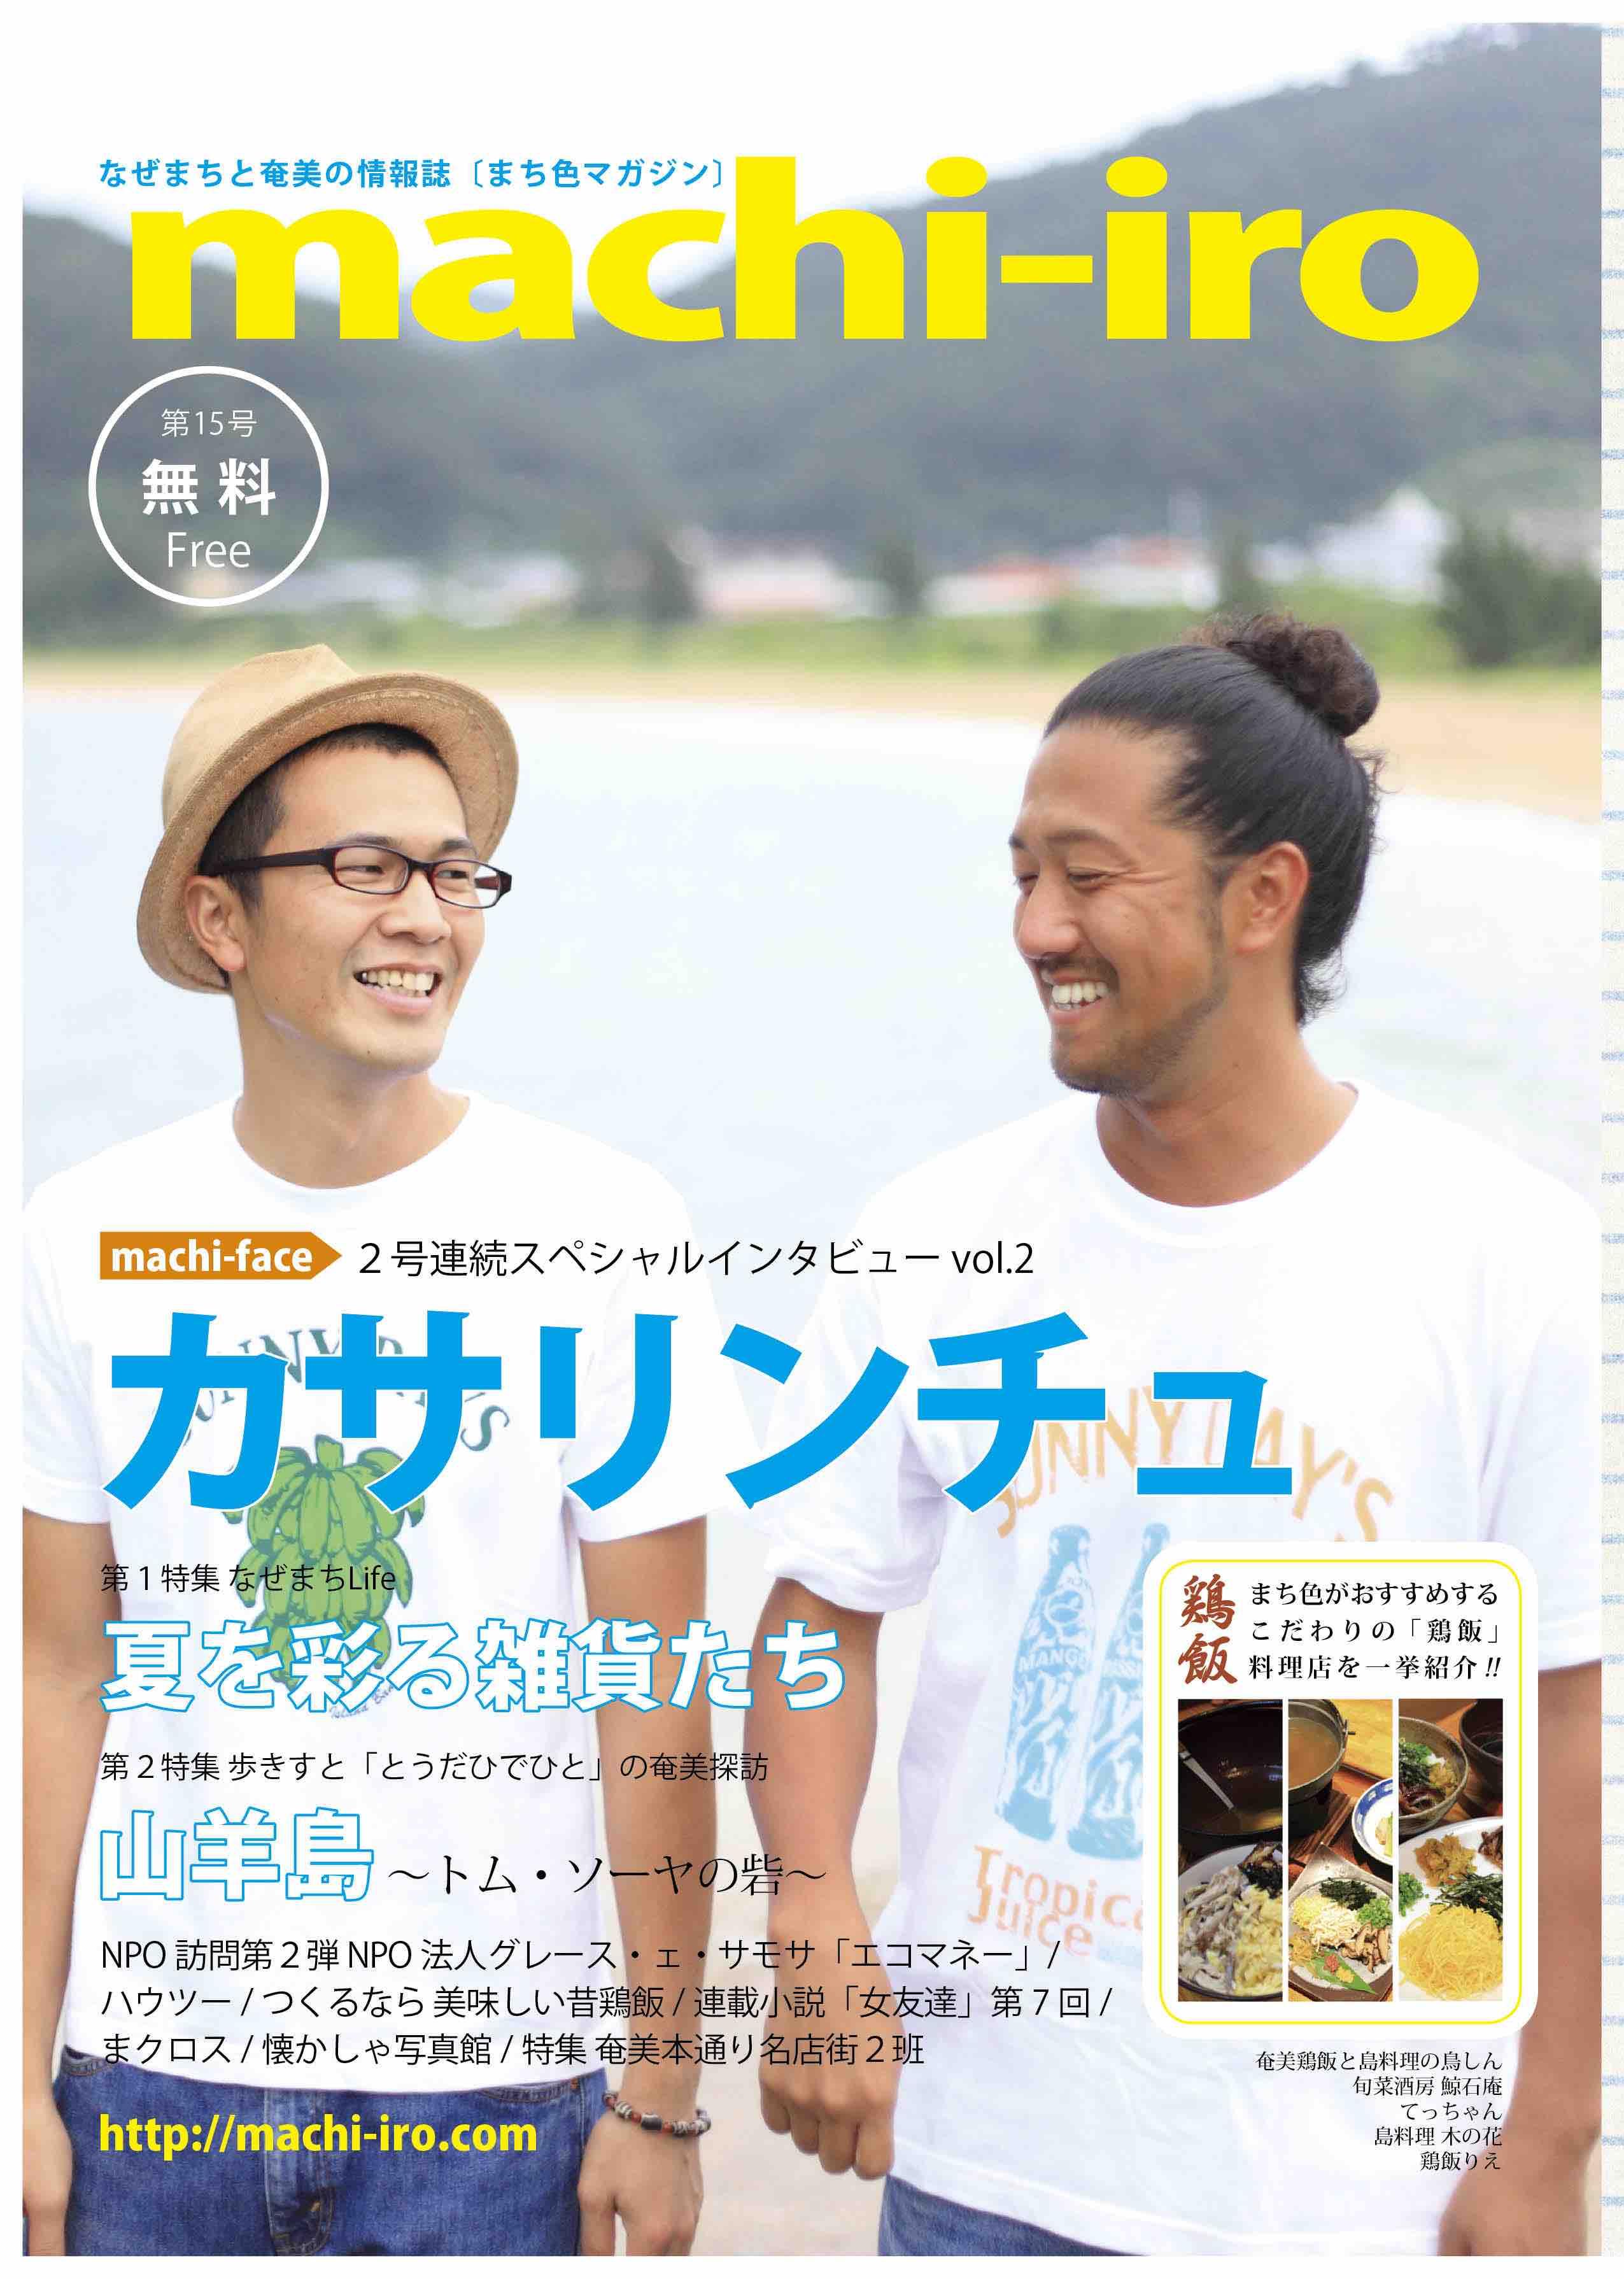 machi-iro magazine #15